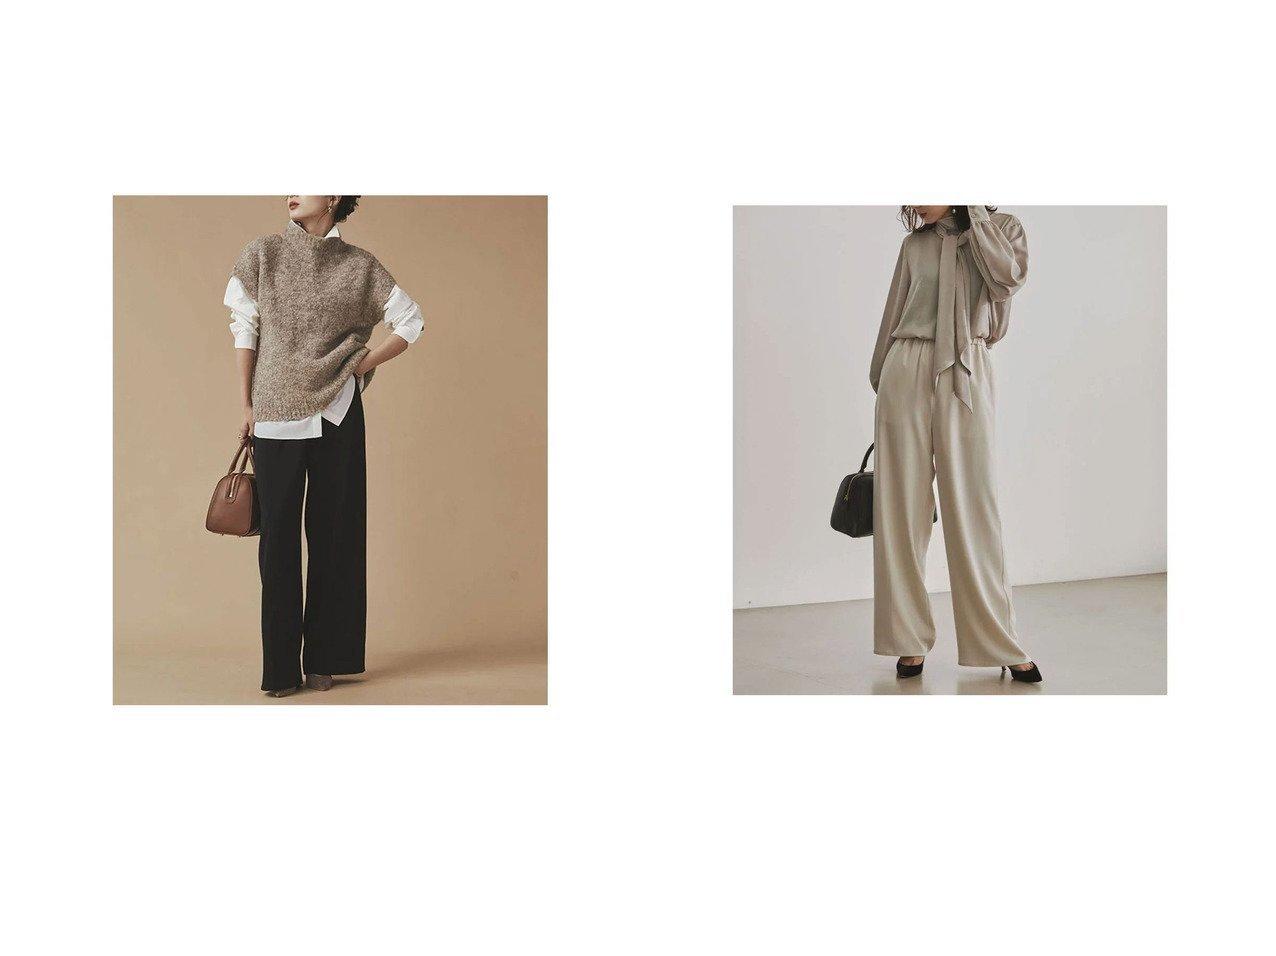 【anuans/アニュアンス】のイージーワイドパンツ おすすめ!人気、トレンド・レディースファッションの通販 おすすめで人気の流行・トレンド、ファッションの通販商品 インテリア・家具・メンズファッション・キッズファッション・レディースファッション・服の通販 founy(ファニー) https://founy.com/ ファッション Fashion レディースファッション WOMEN パンツ Pants  ID:crp329100000071013